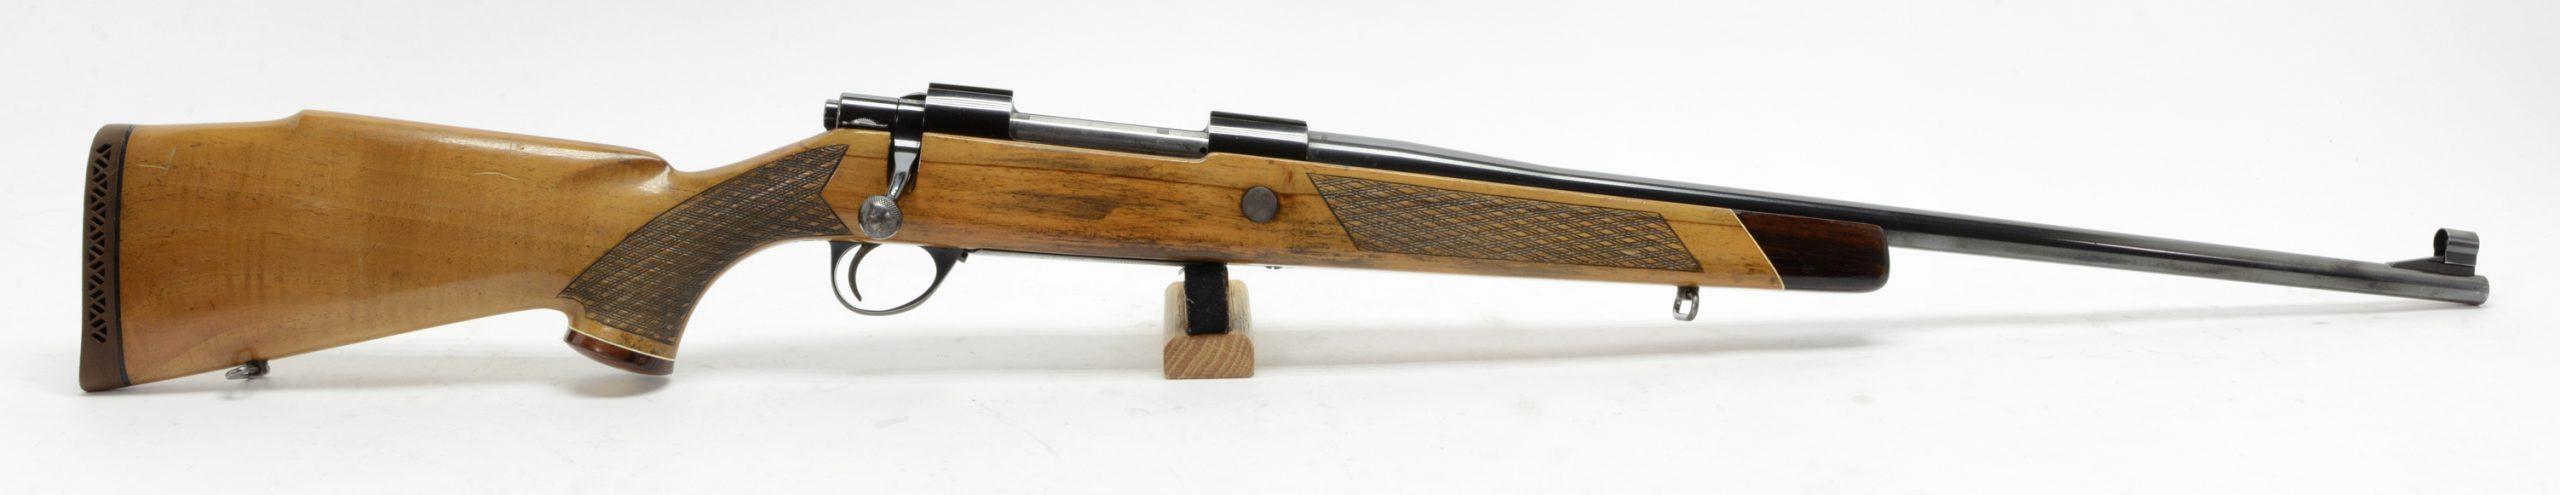 Sako L61R Finnbear Deluxe 300 H&H